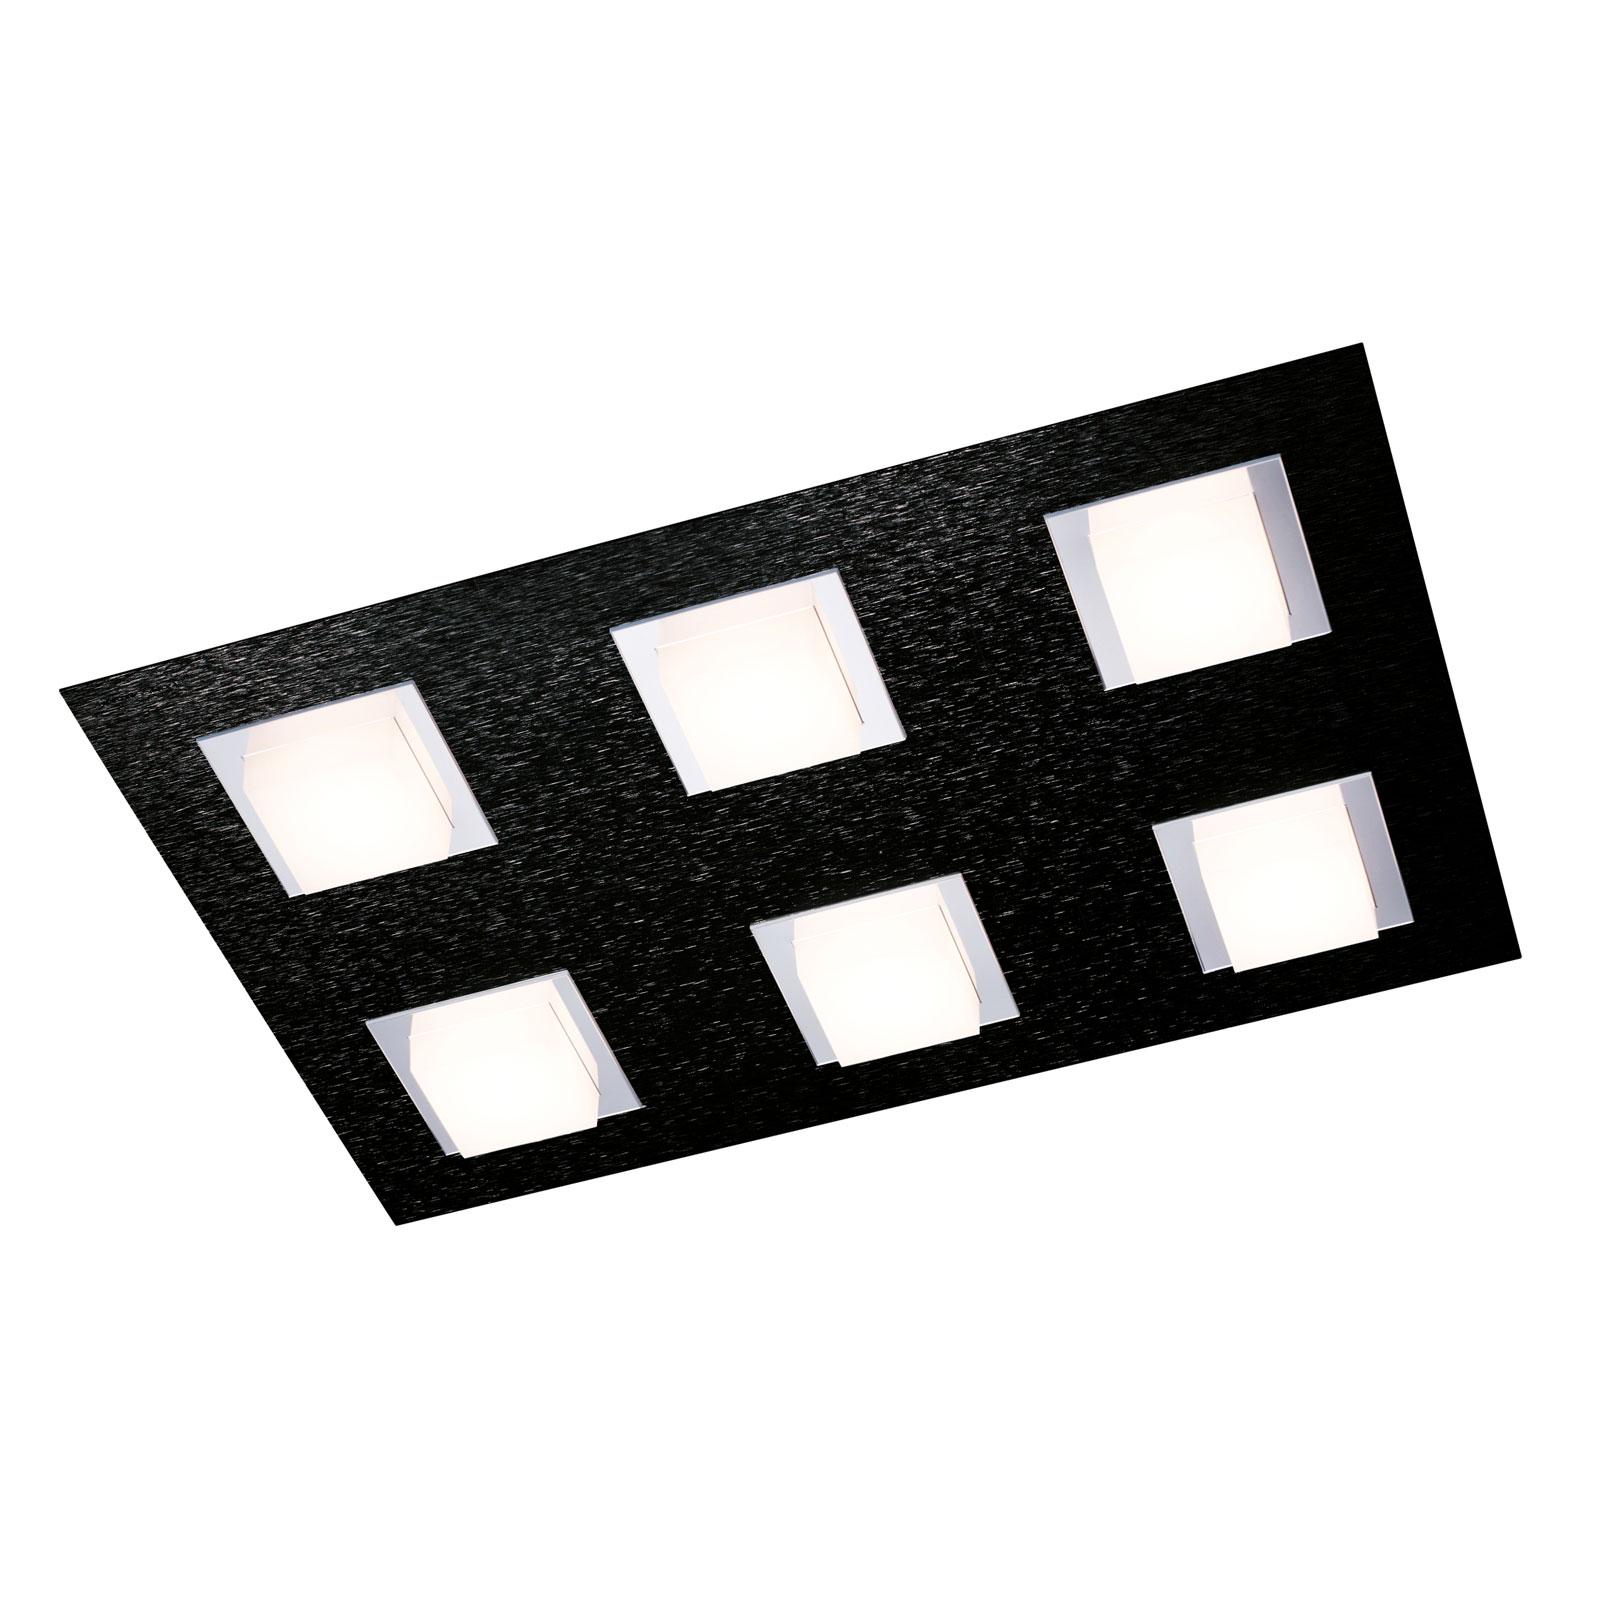 GROSSMANN Basic taklampe, 6 lyskilder, svart